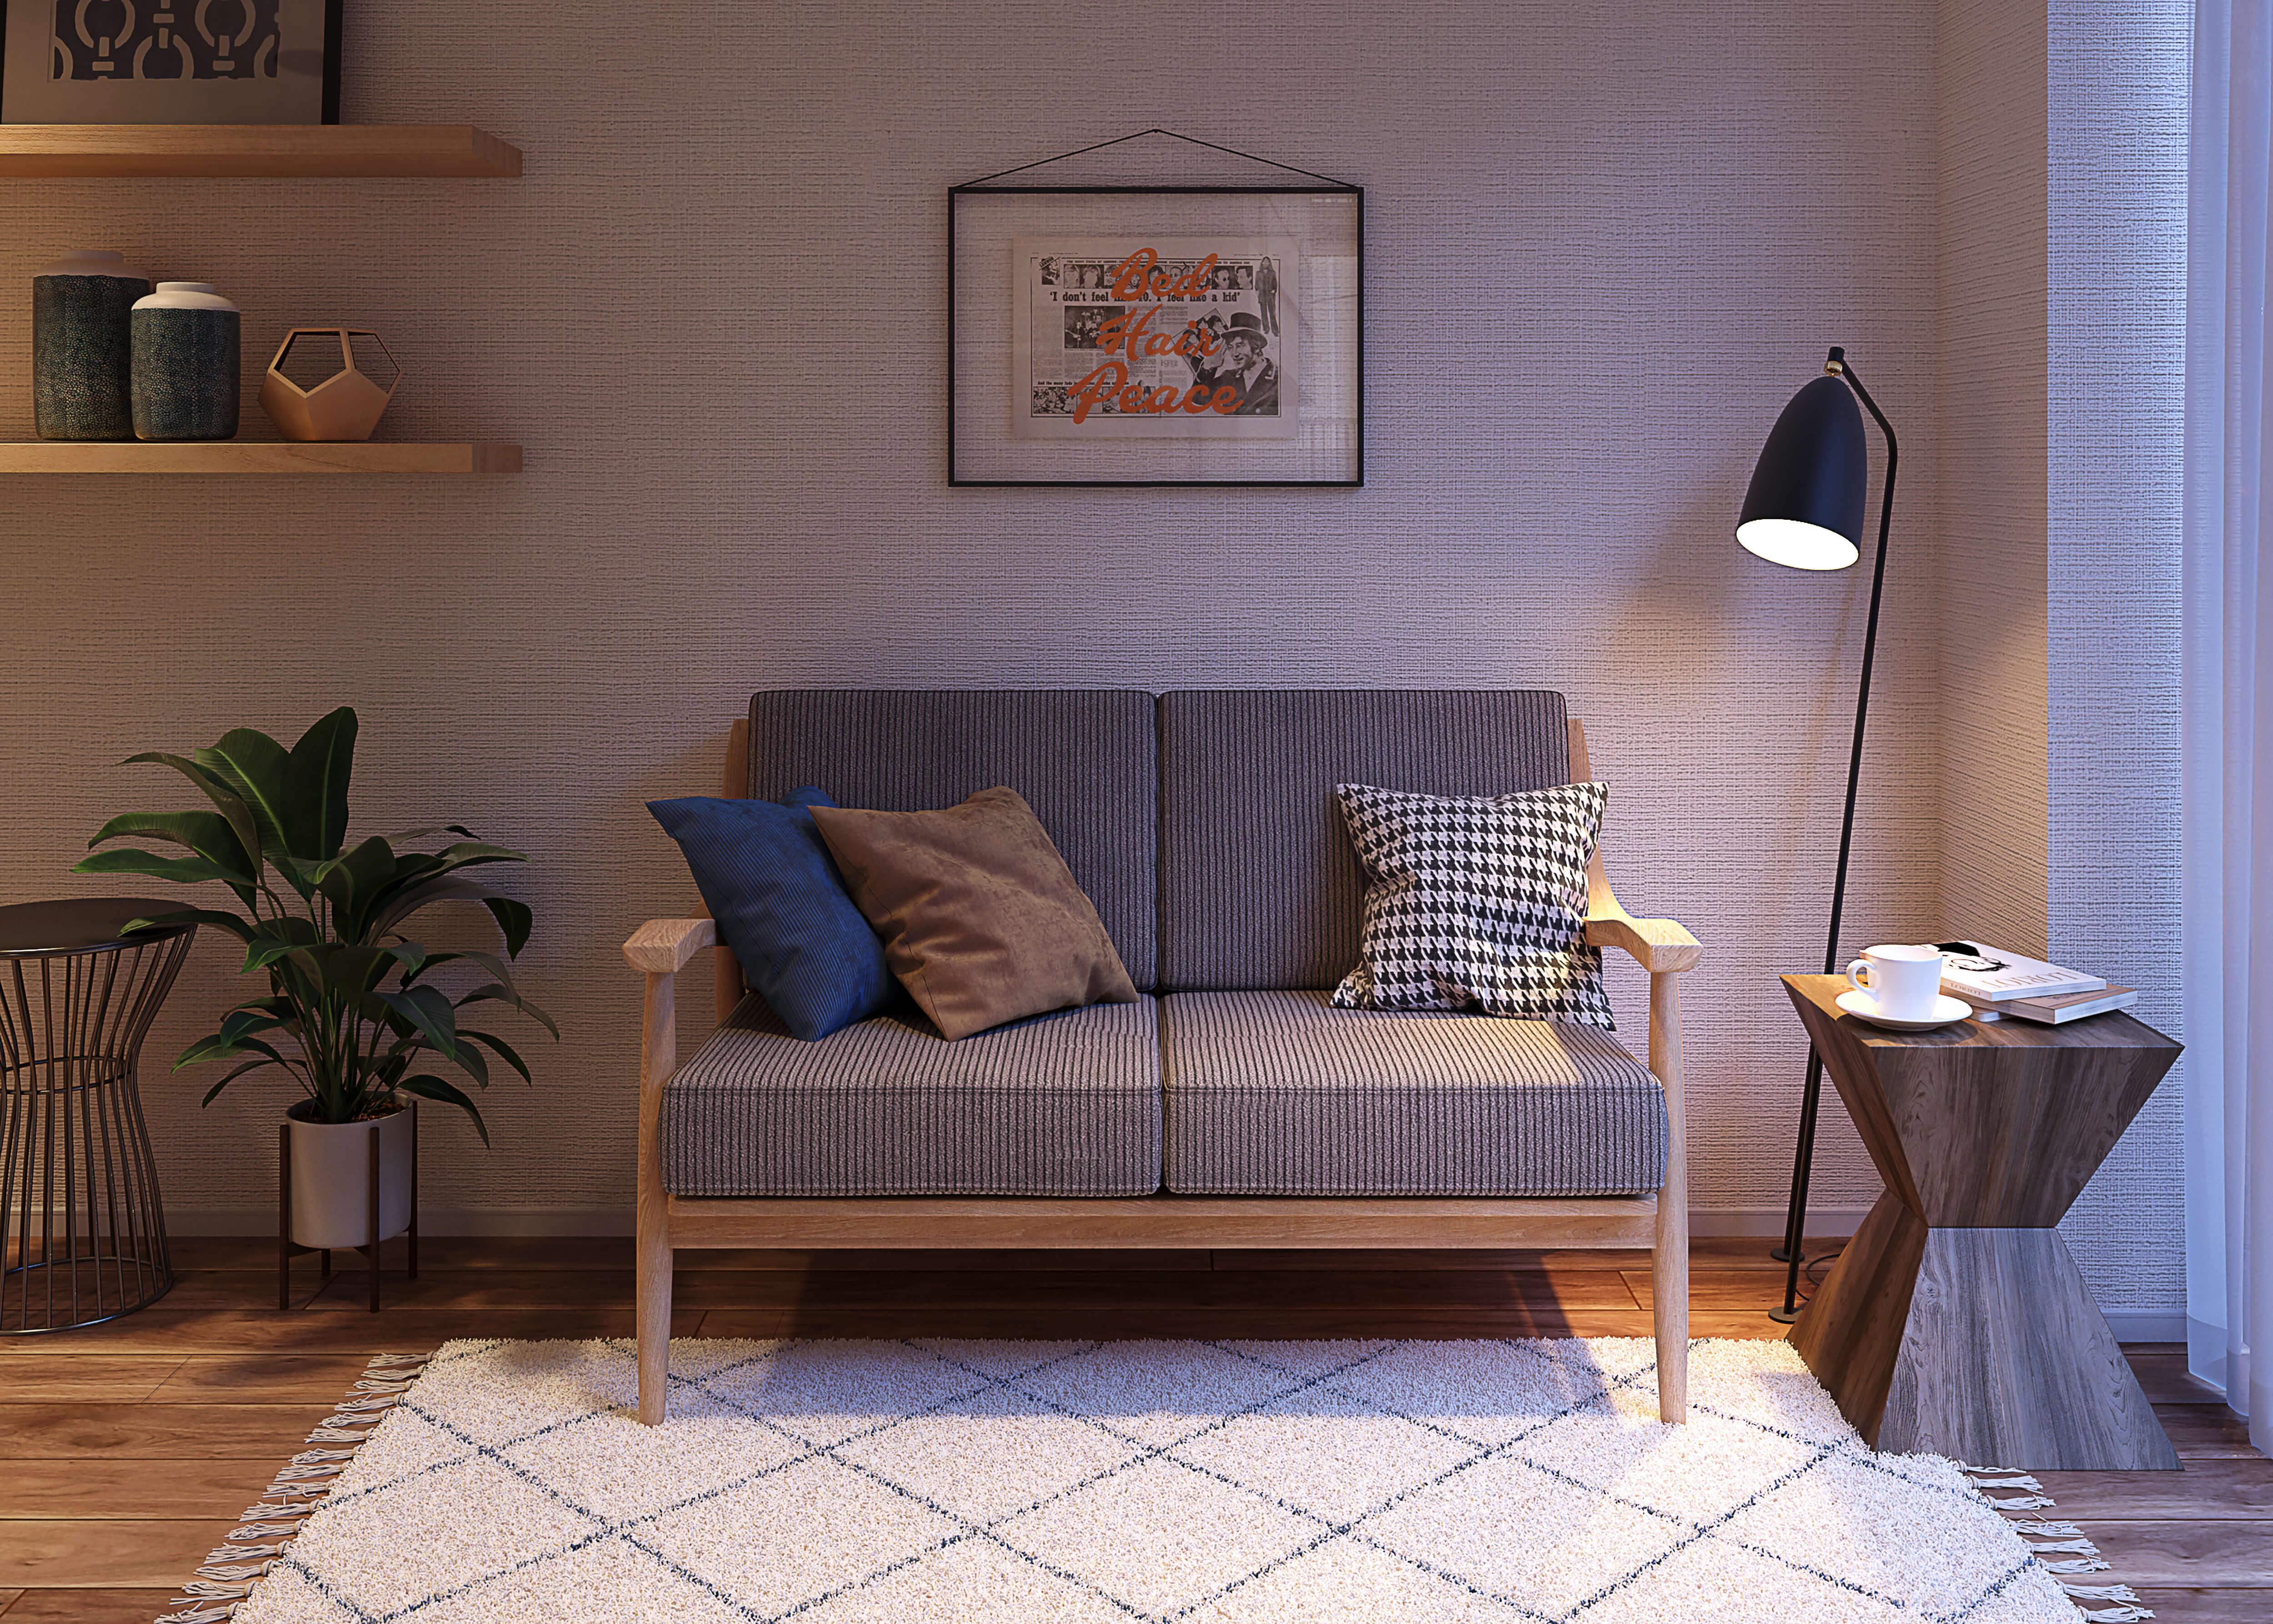 憧れの北欧インテリアをあなたの部屋で再現。ポイントと実例でおしゃれな部屋作り